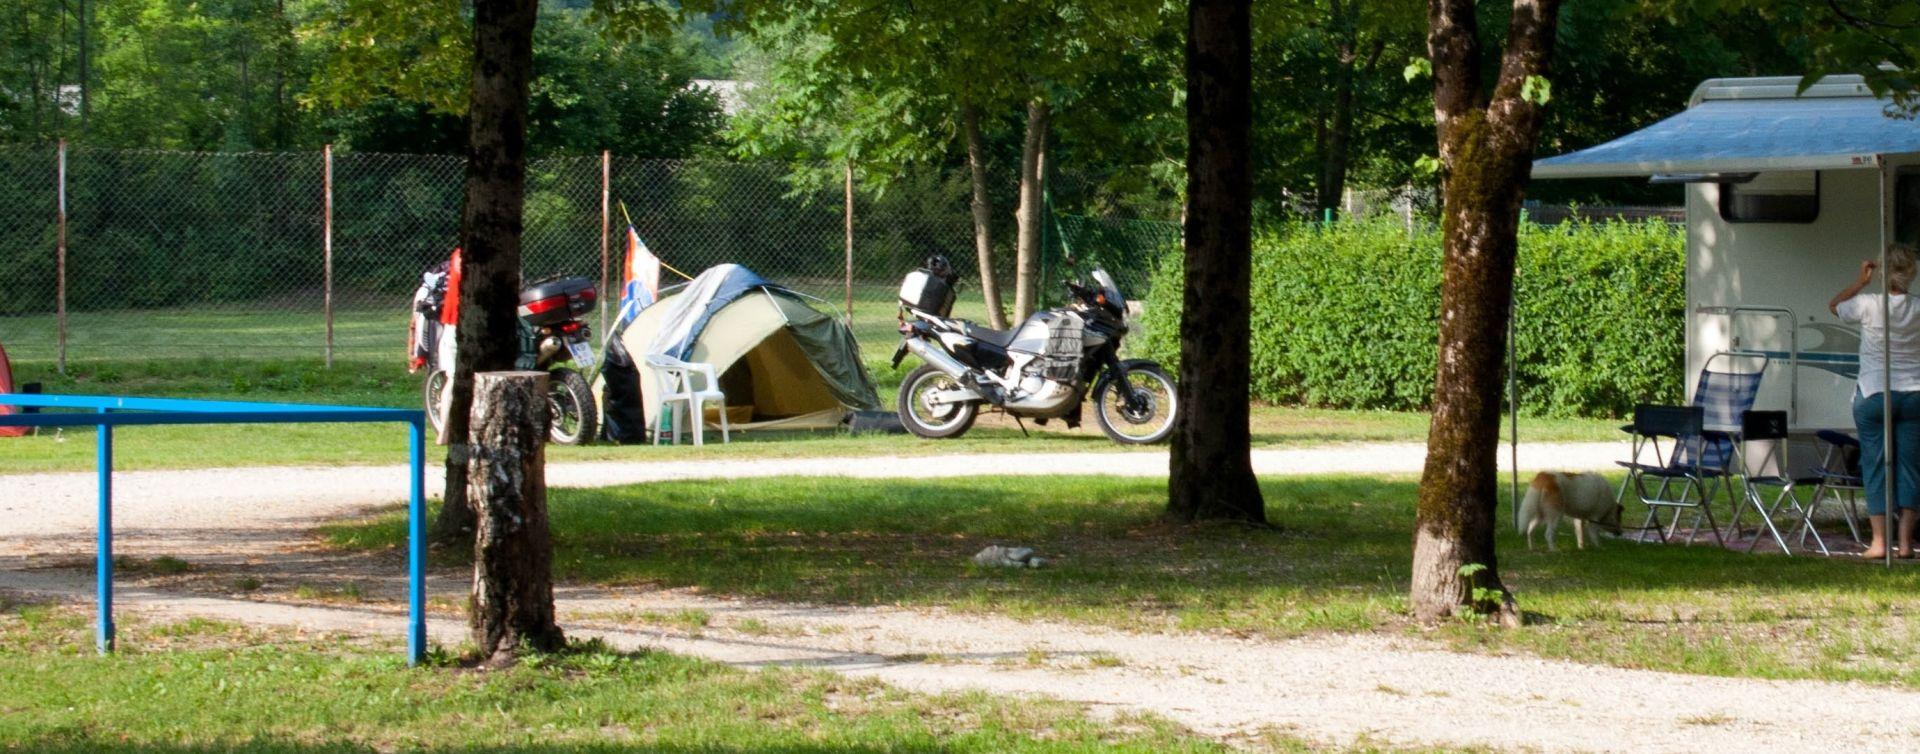 Kamp Polovnik Soča valley